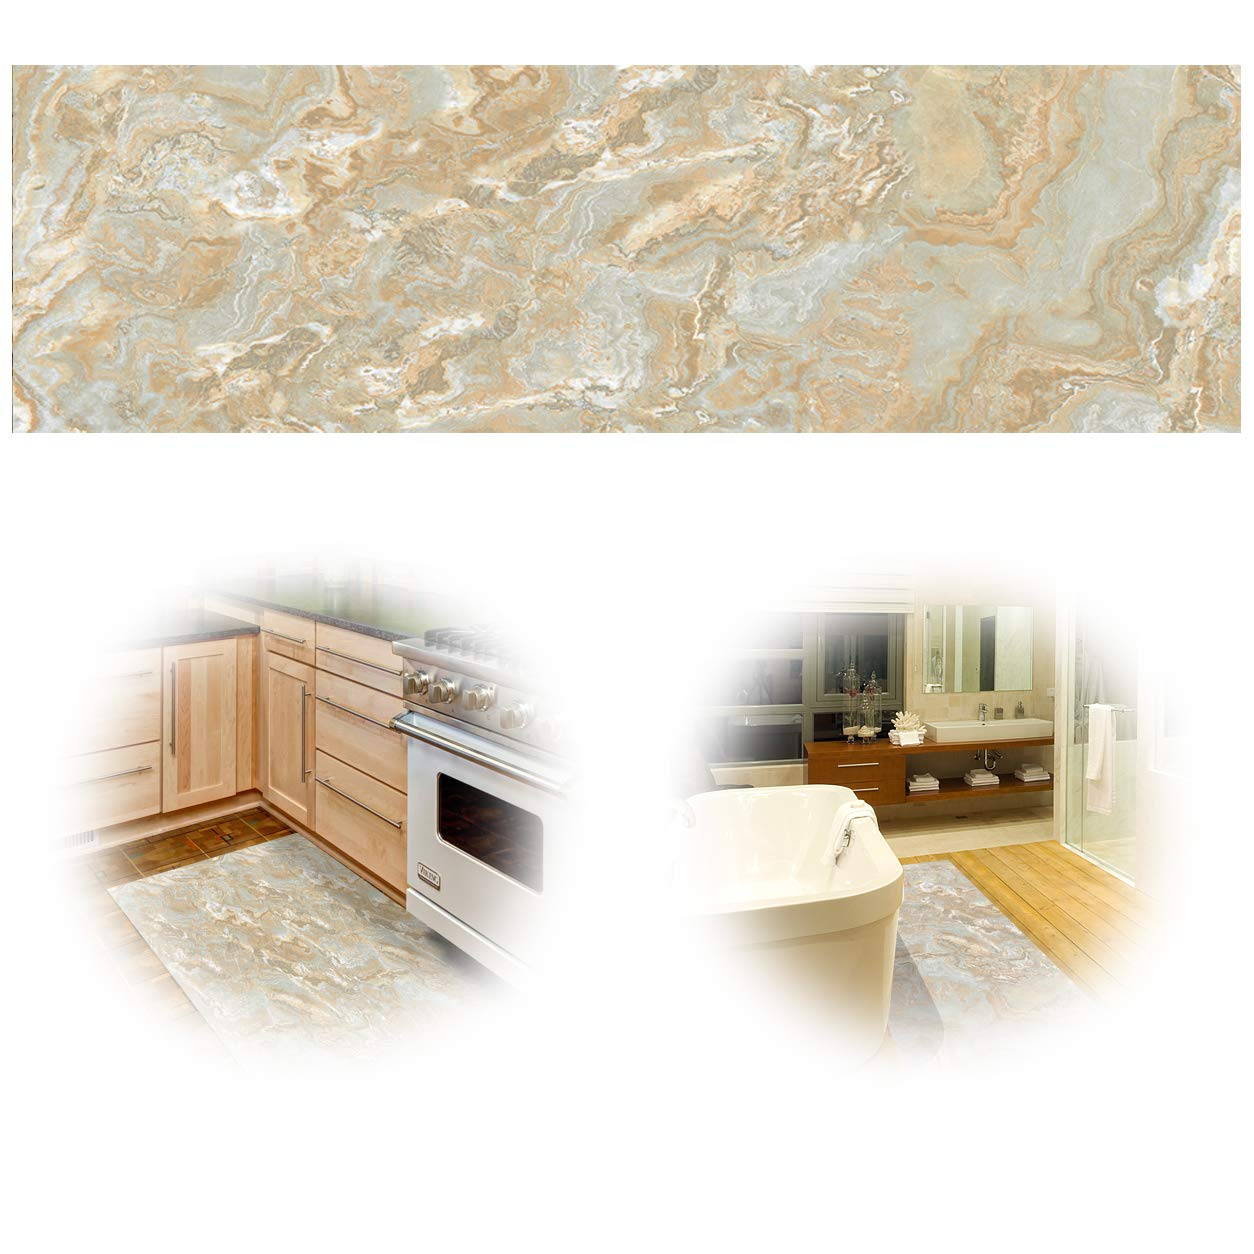 ChasBete Non-Slip Kitchen Floor Mat Slip Resistant Home Hallway Bathroom Runner Indoor Carpet Outside Door Rug Thin Waterproof Heavy Duty Sticker(Marble)